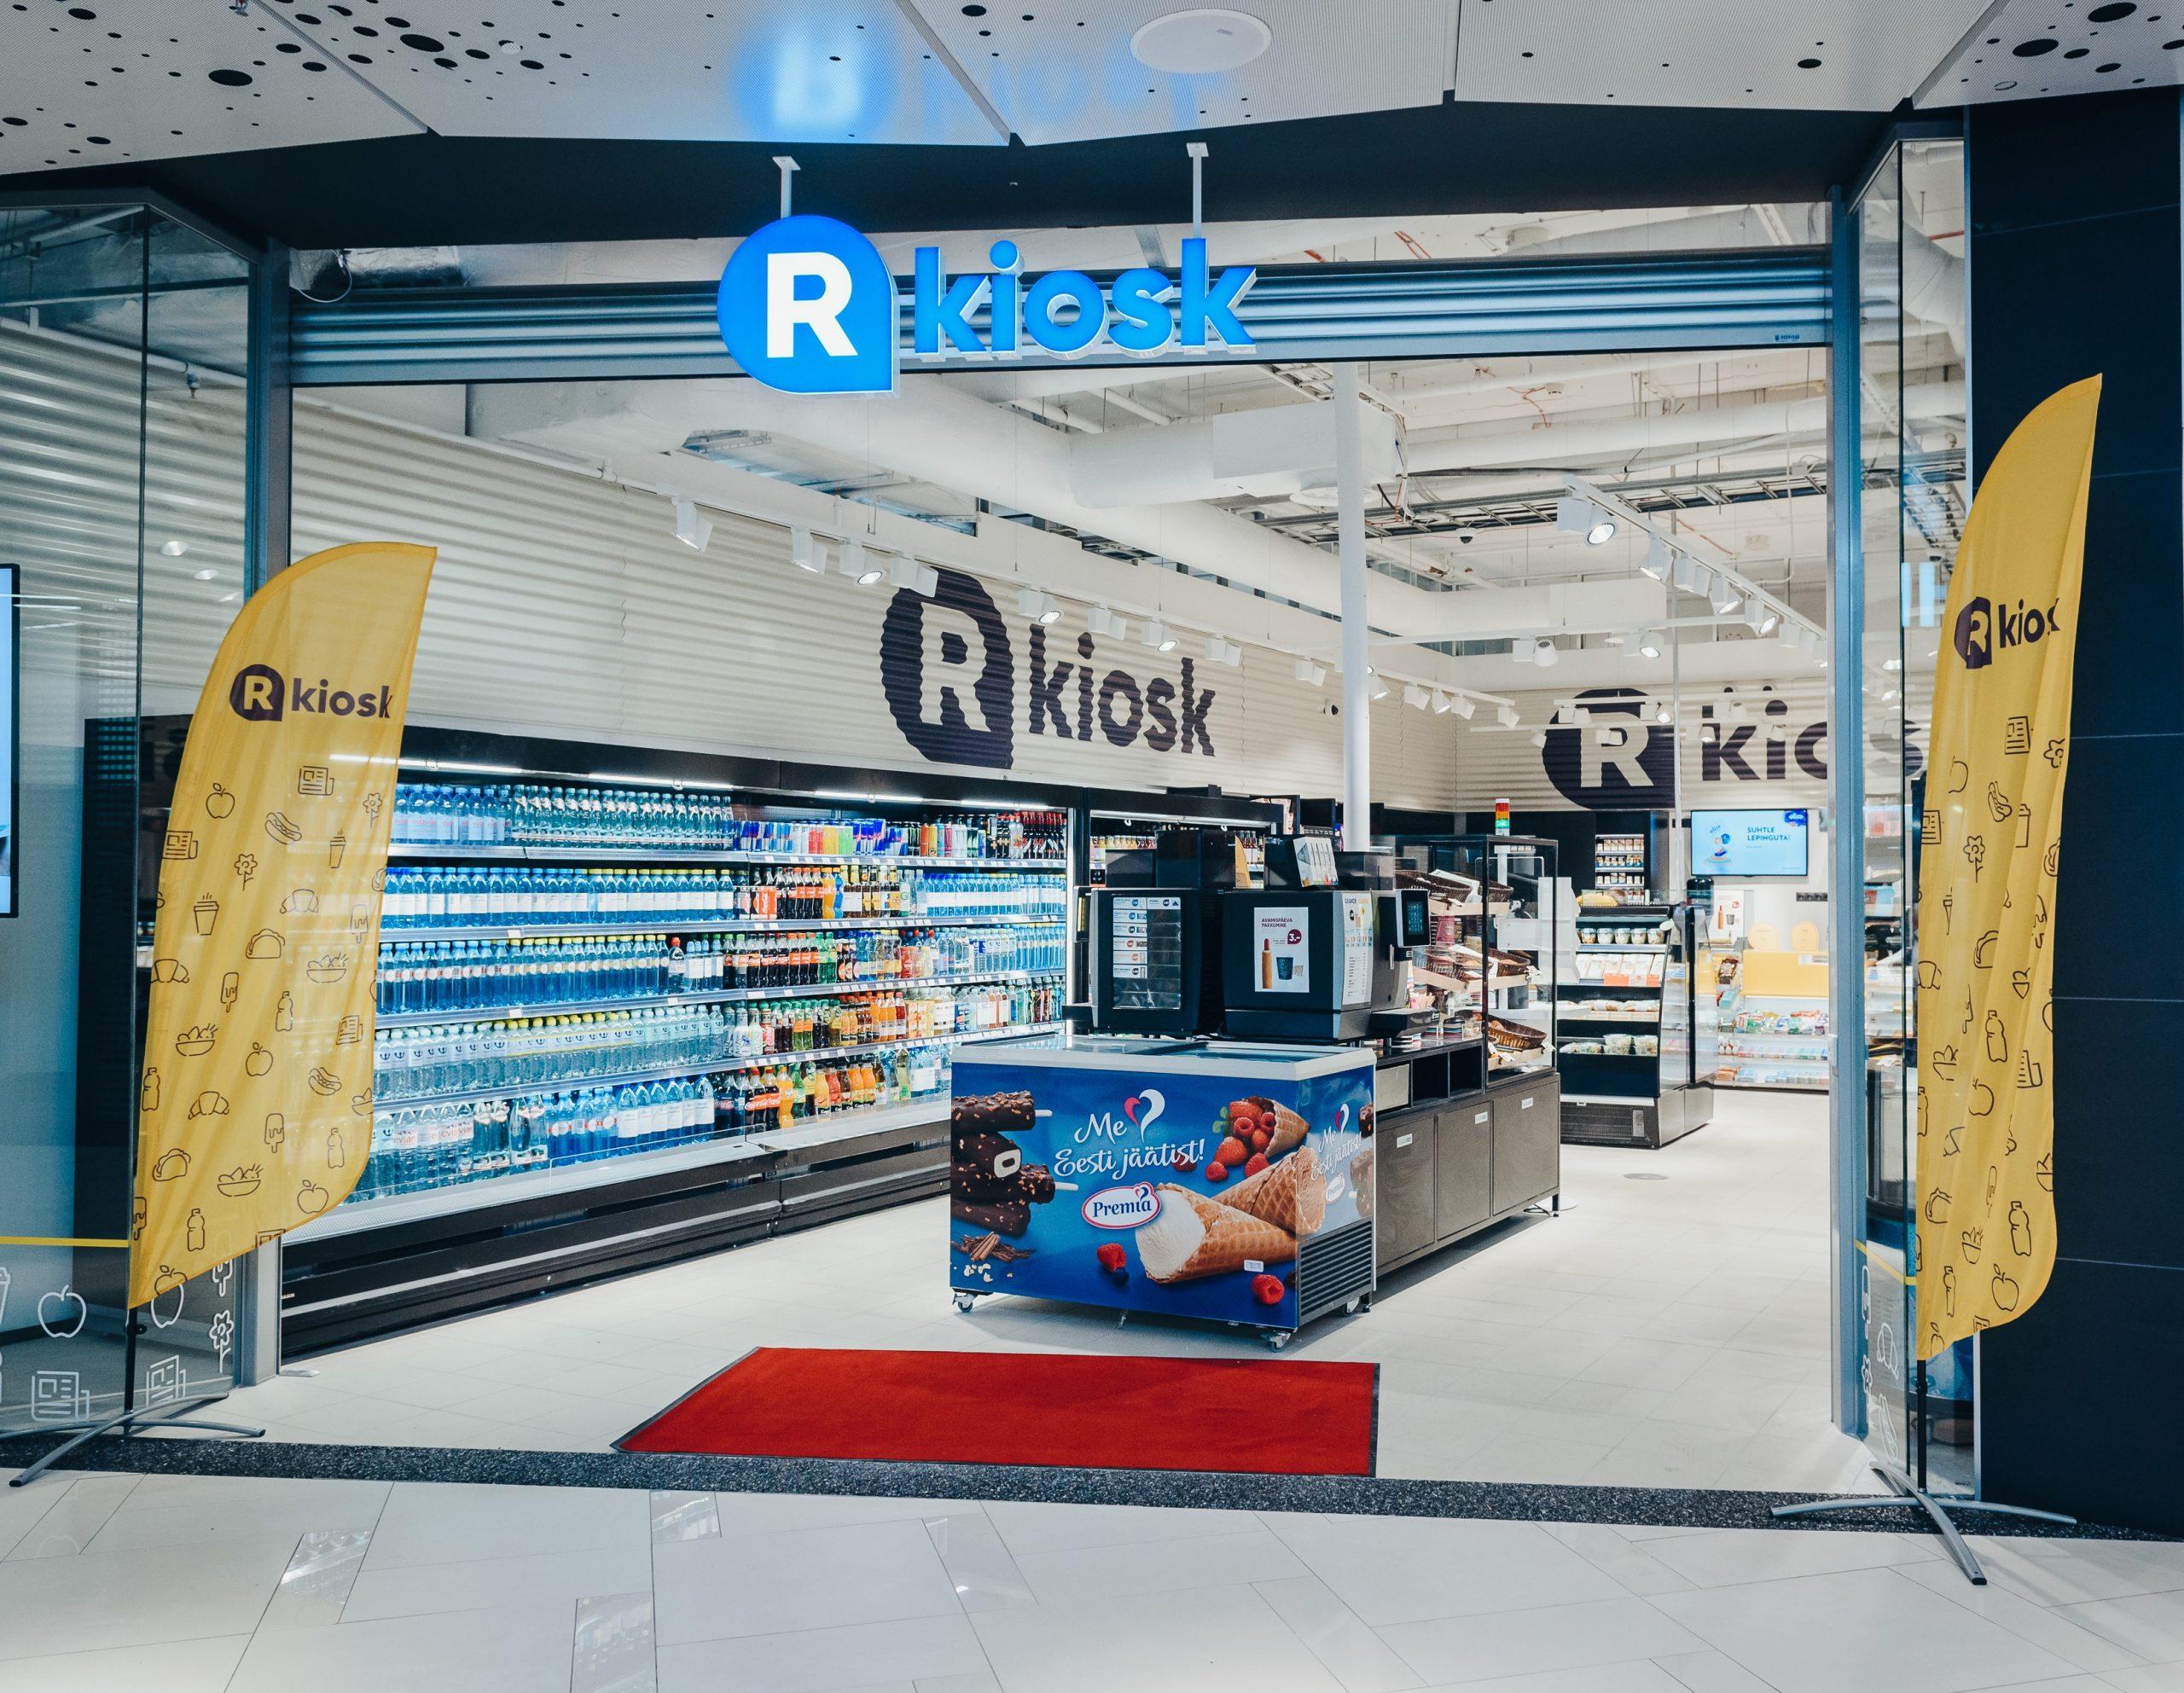 R-Kioski emafirma pälvis teist aastat järjest Balti- ja Põhjamaade parima mugavuspoe tiitli